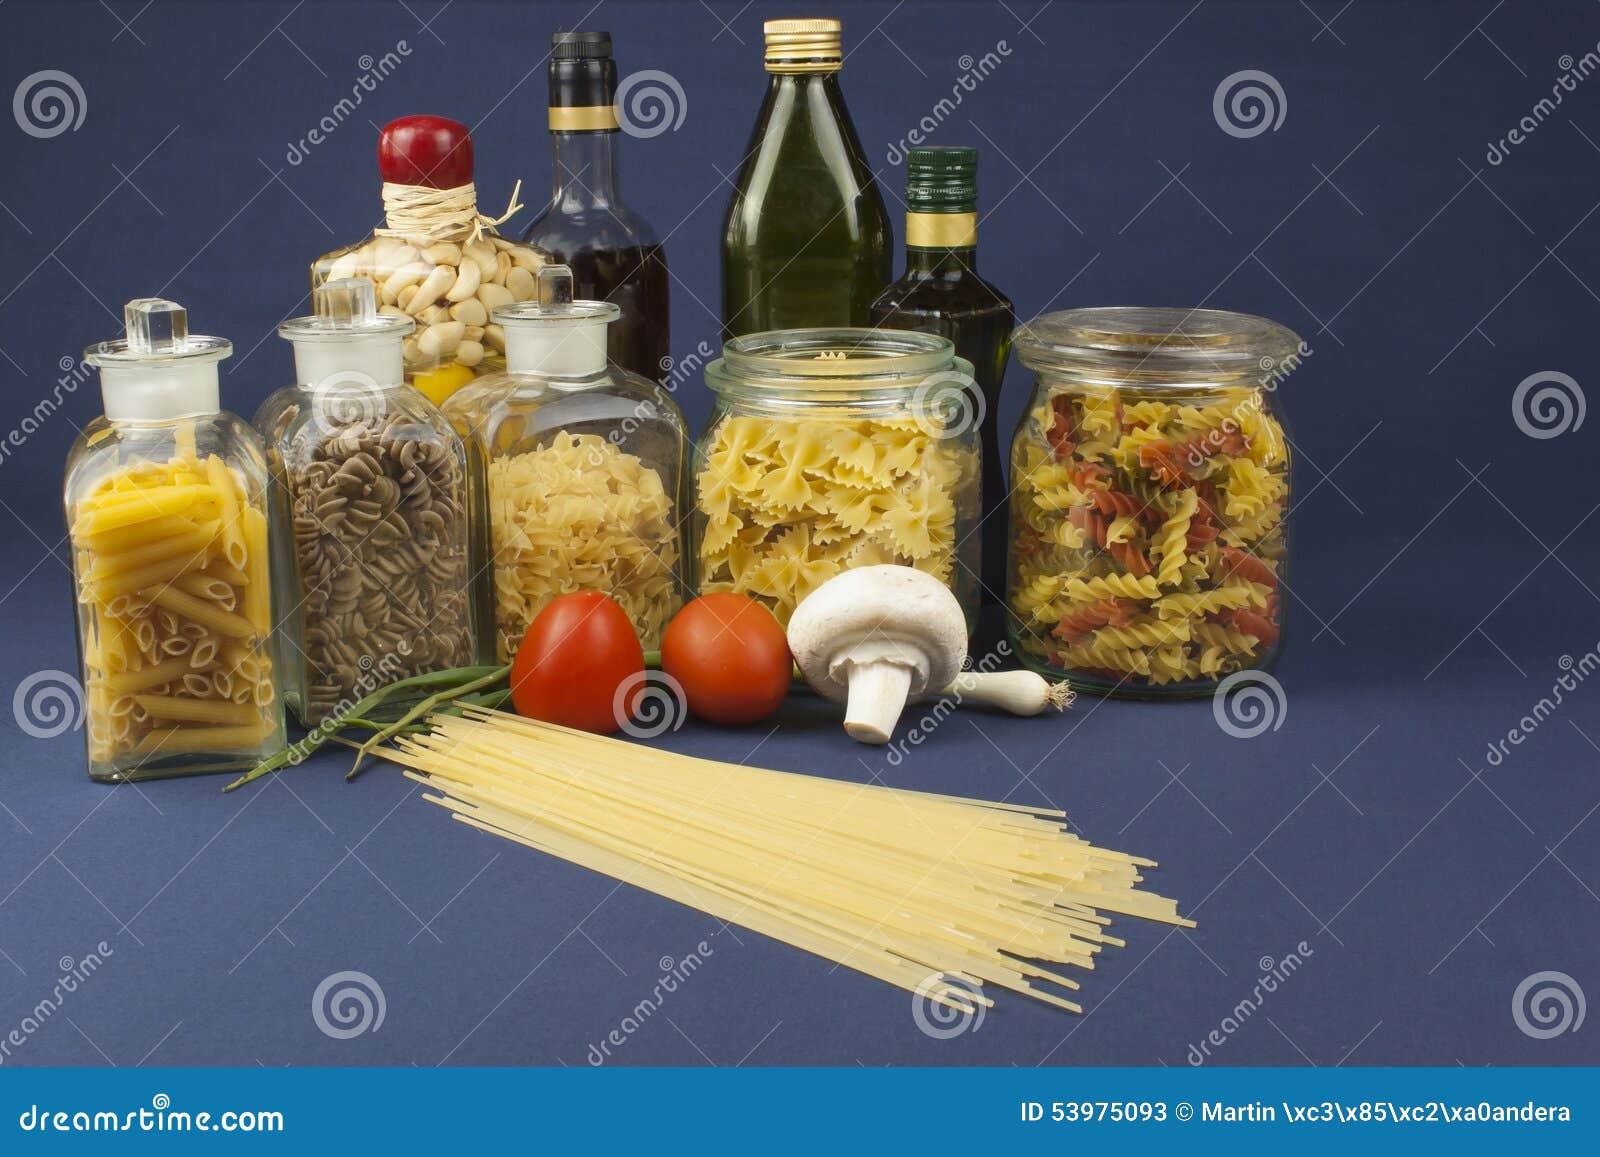 Verschiedene Arten von Teigwaren auf dem Tisch